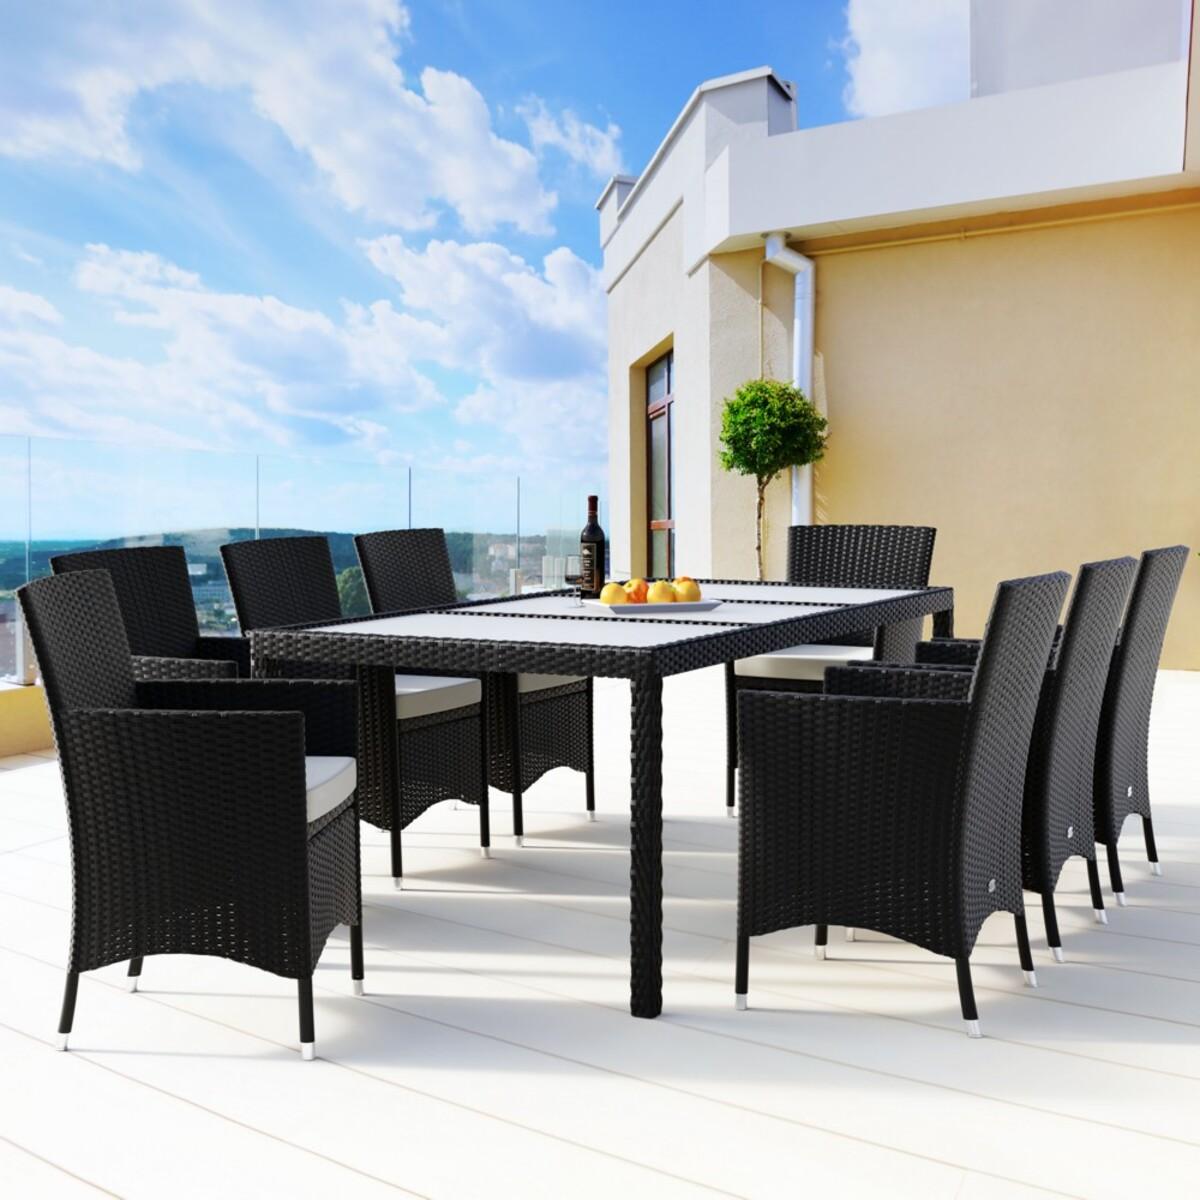 Bild 2 von Casaria Polyrattangarnitur 8+1 mit Sitzauflage schwarz-creme